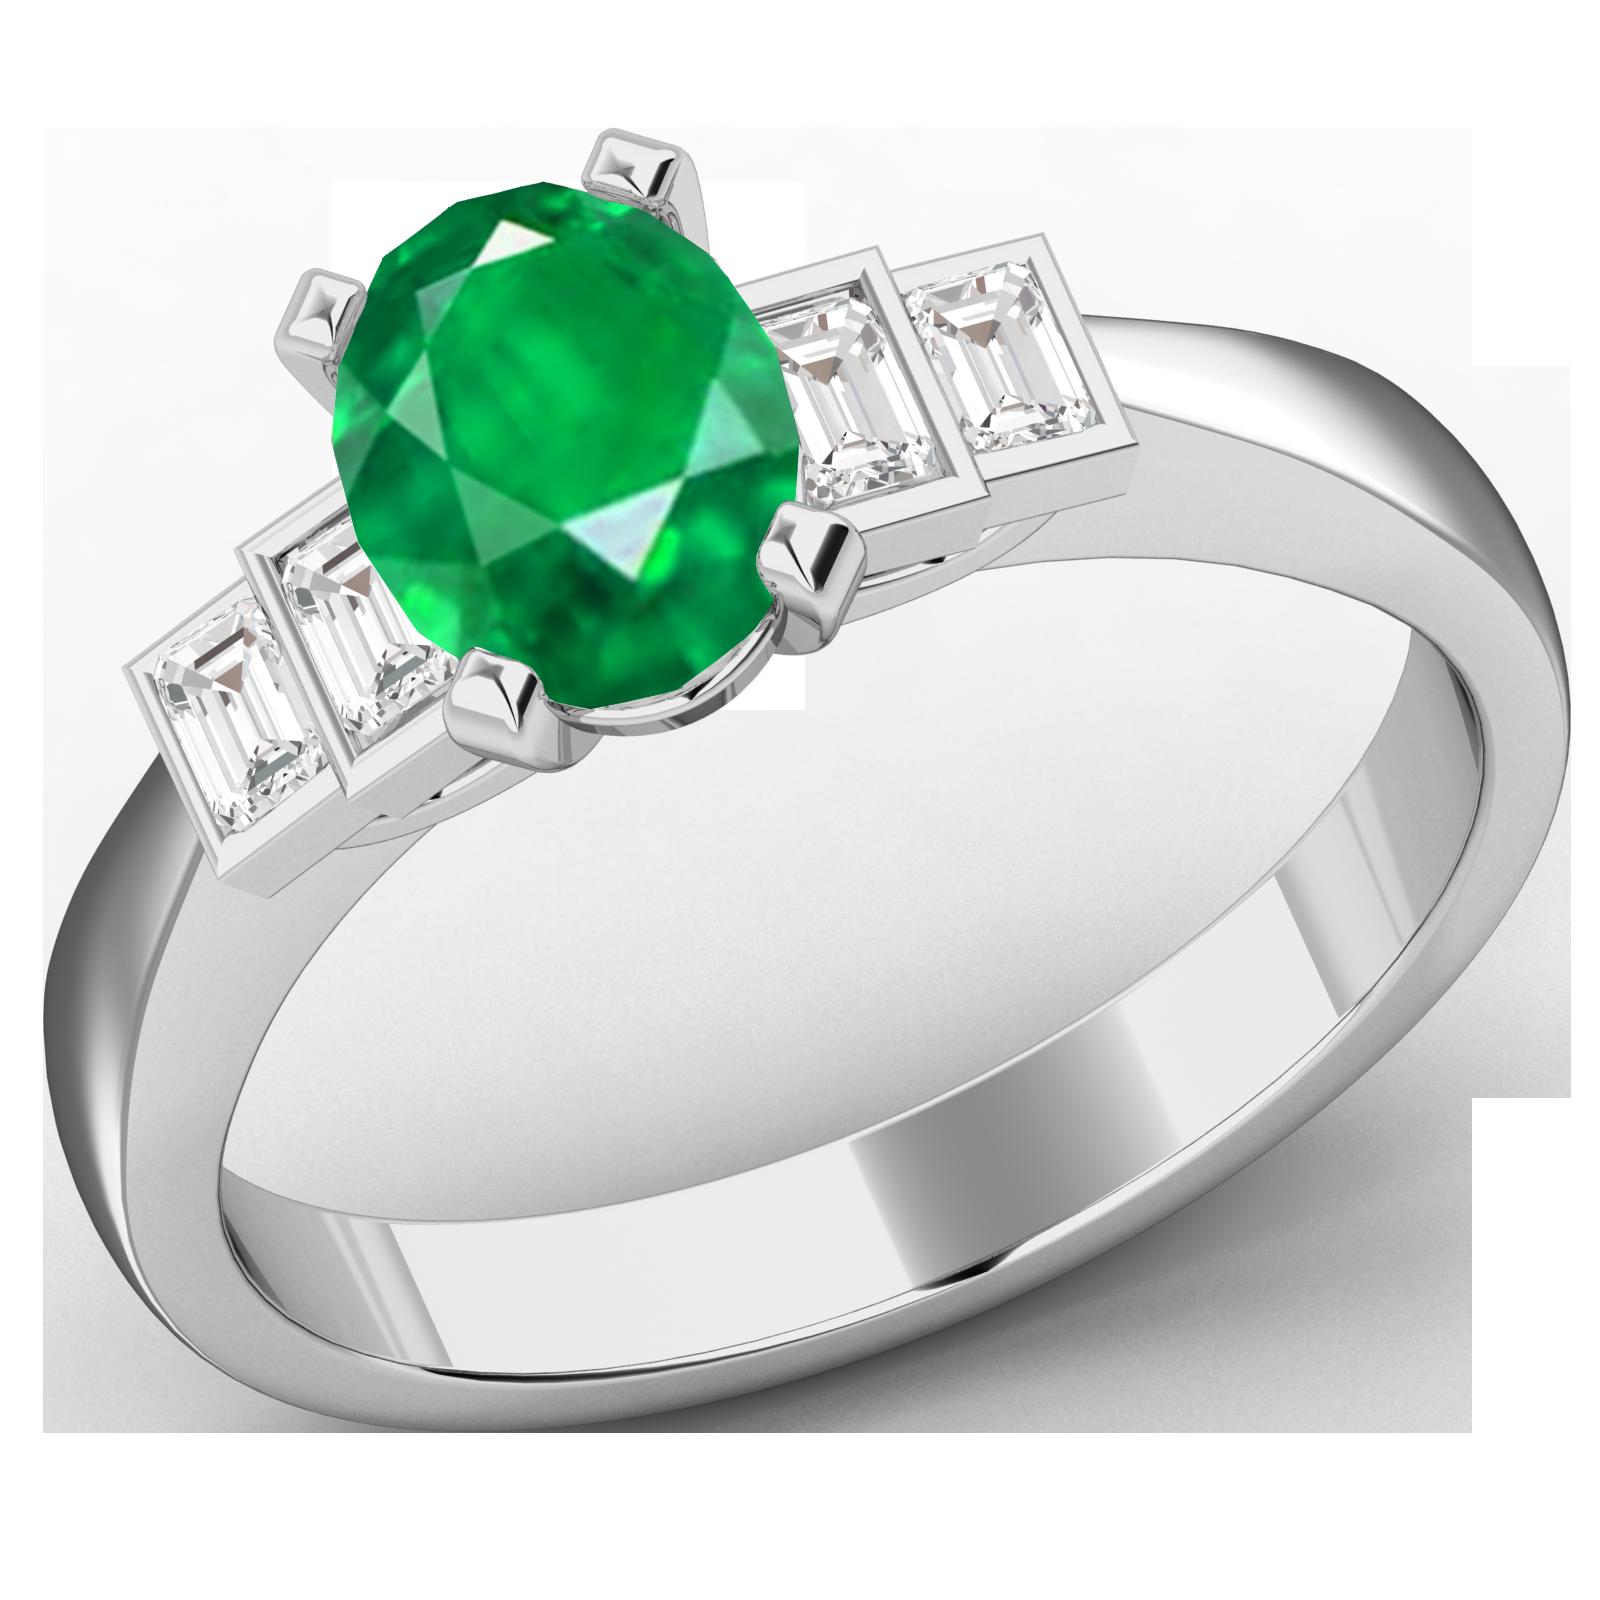 RDM718W-Inel cu Smarald si Diamante Dama Aur Alb 18kt cu 4 Diamante, cu un Smarald Central Oval si Diamante Forma Bagheta pe Margini-img1